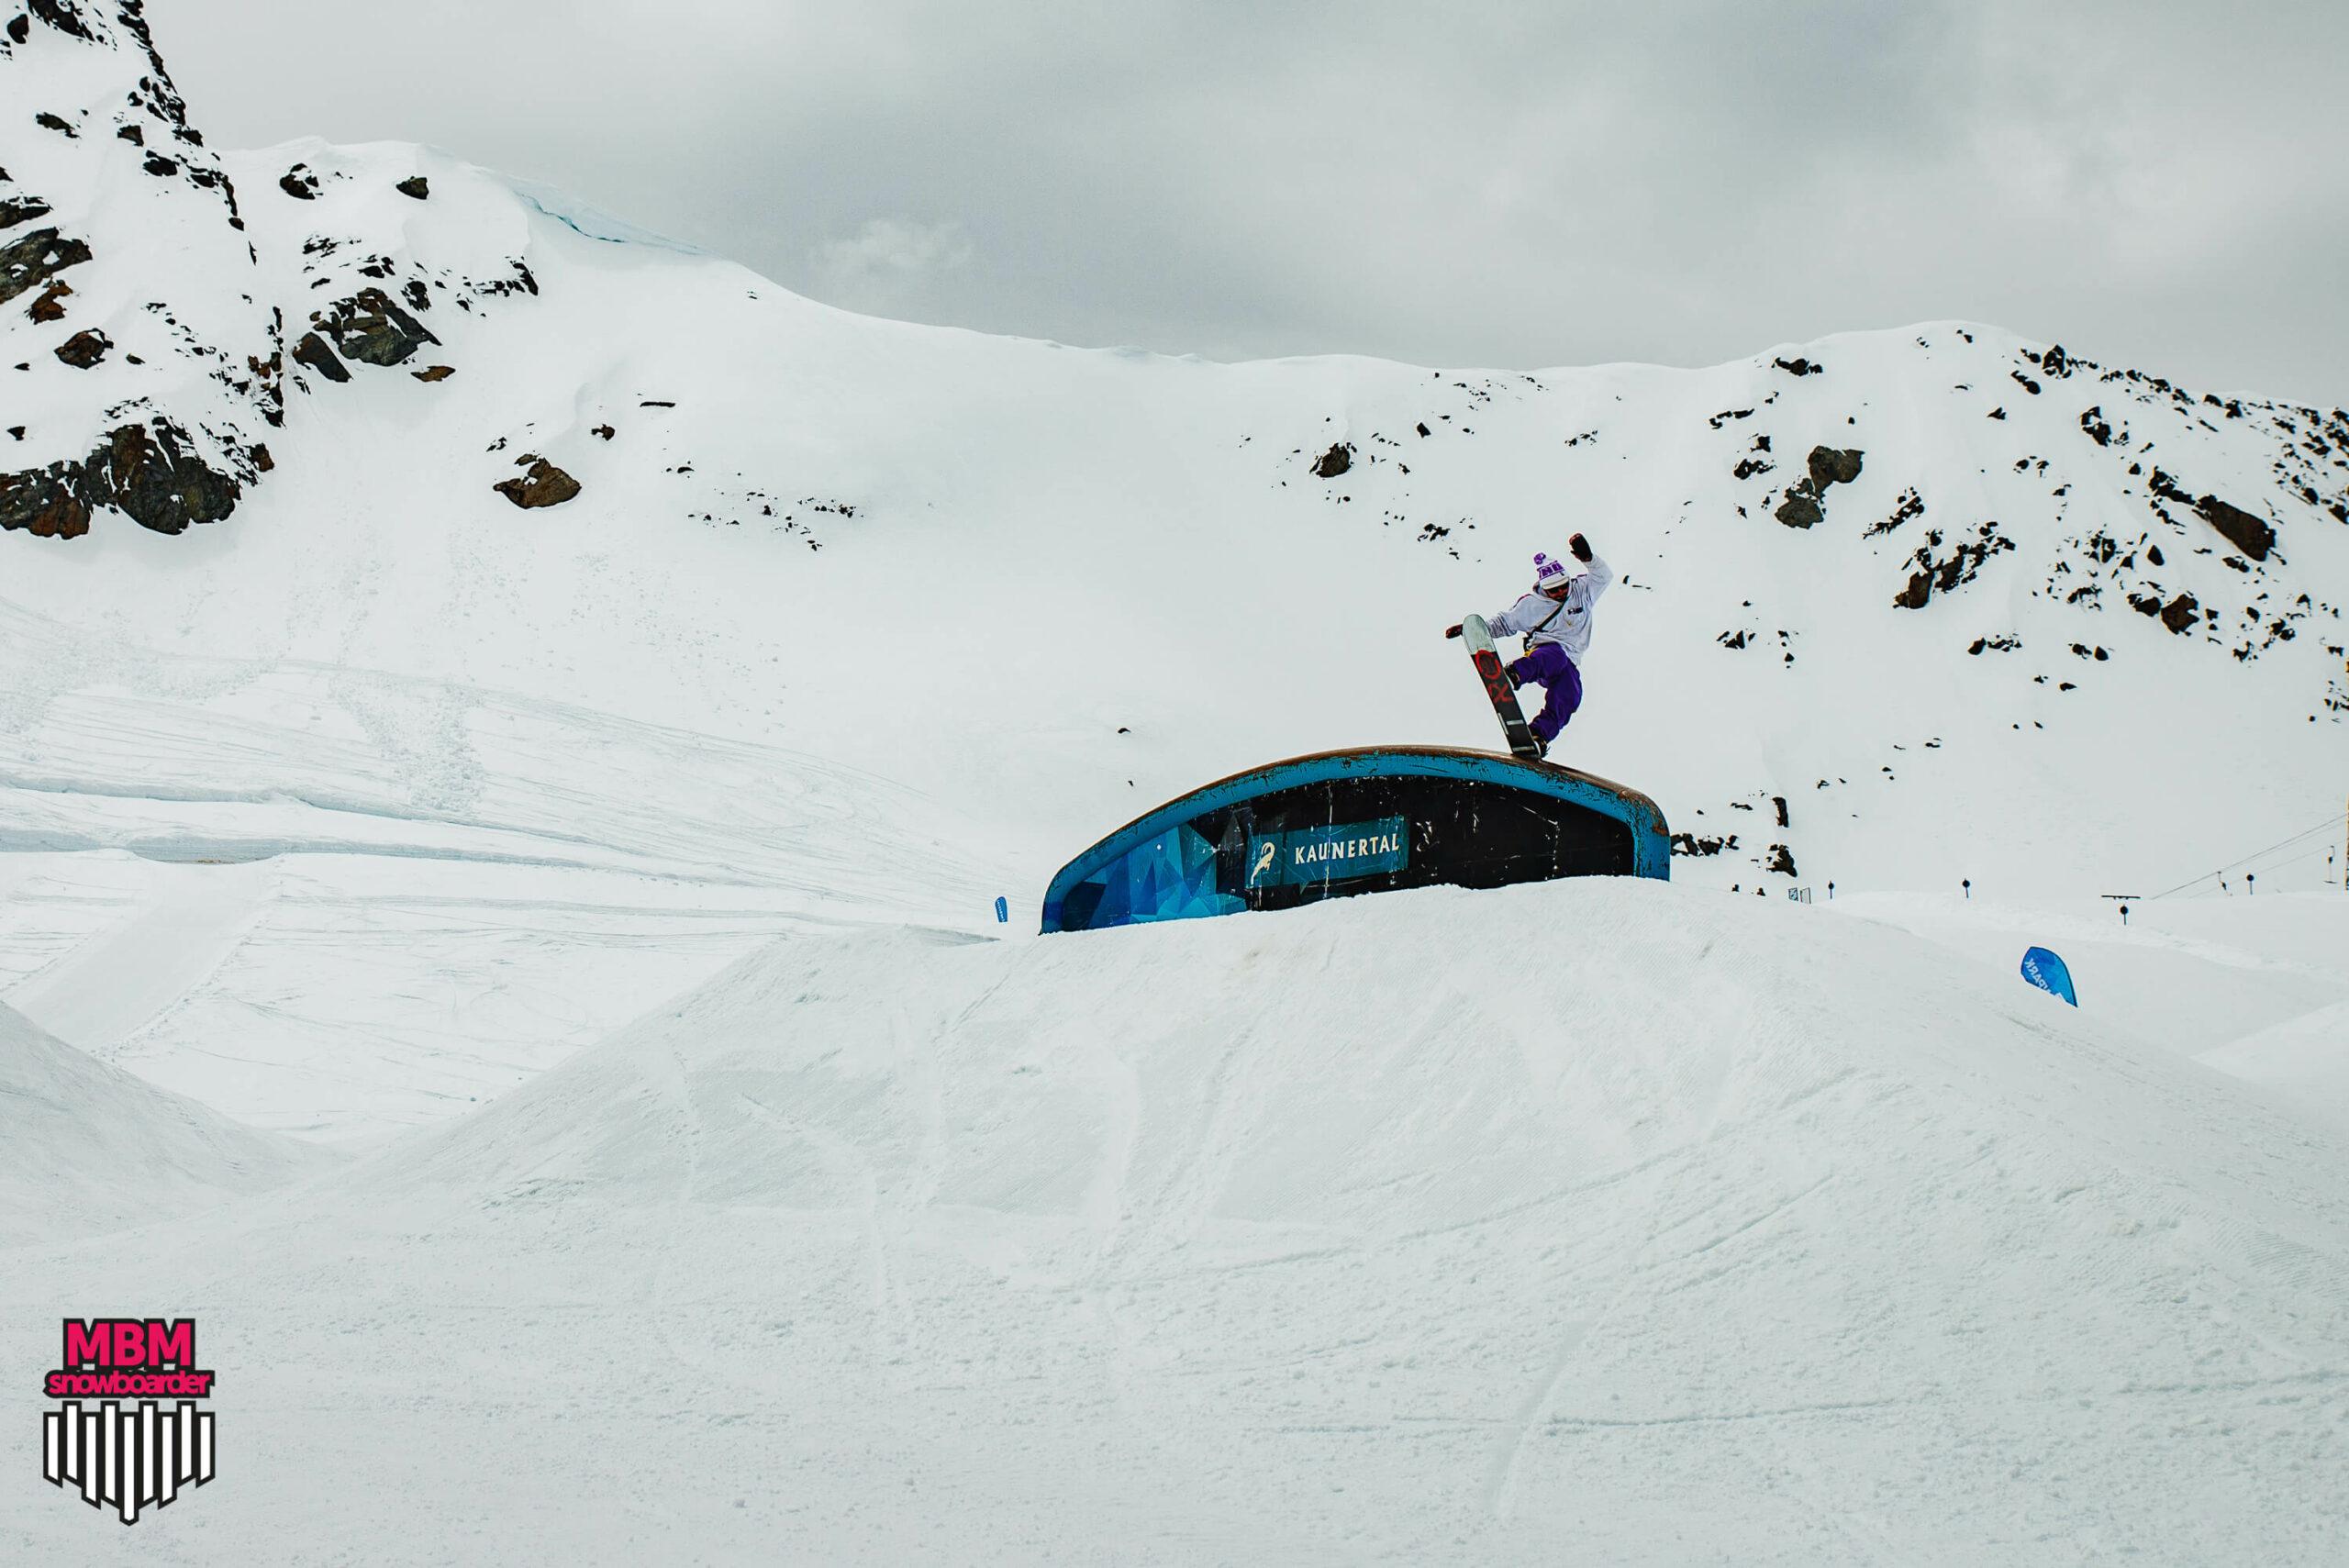 snowboarderMBM_sd_kaunertal_071